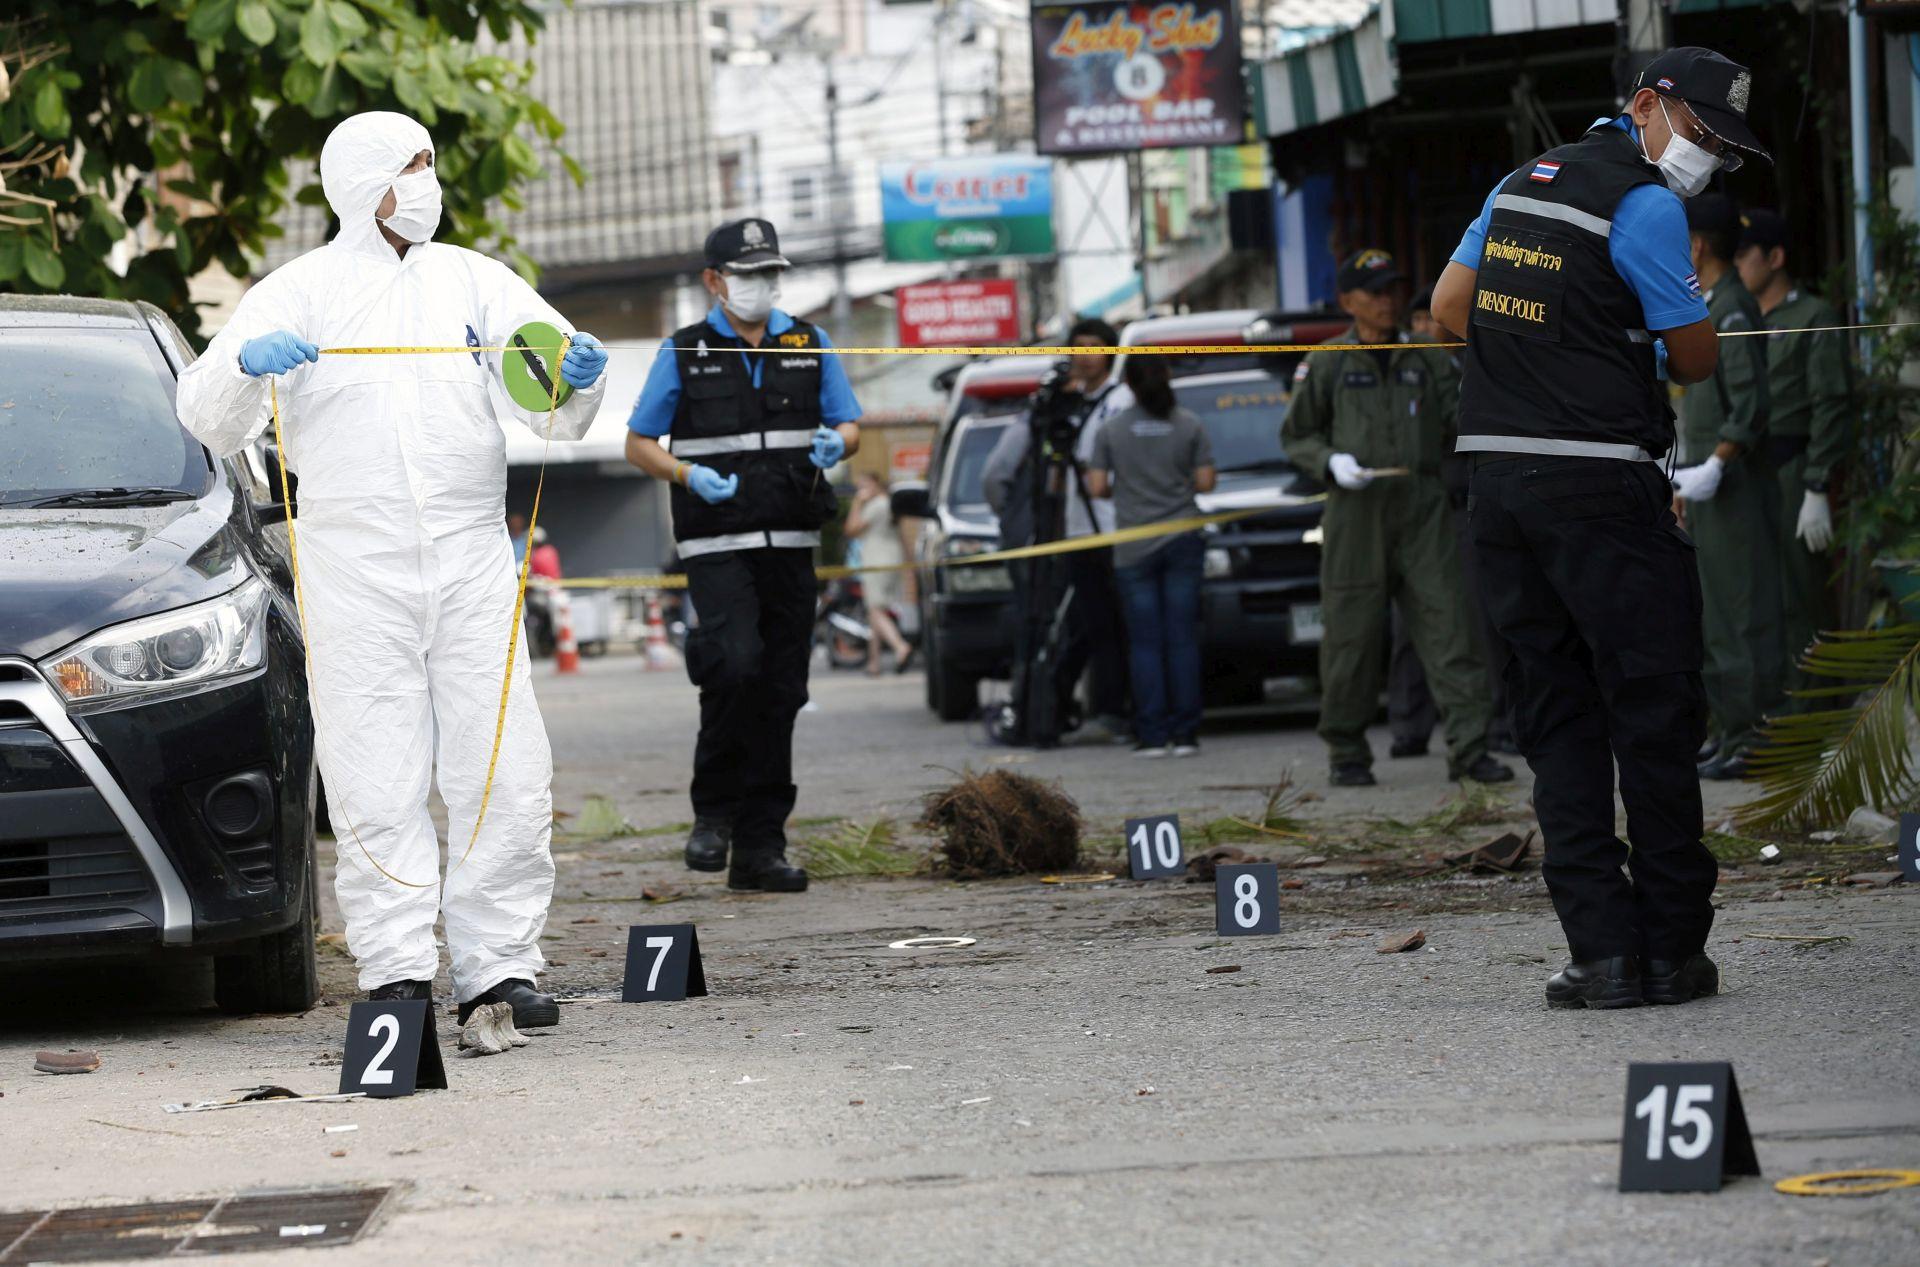 """SERIJA NAPADA: Policija na Tajlandu kaže da su napadi """"jasno povezani"""""""